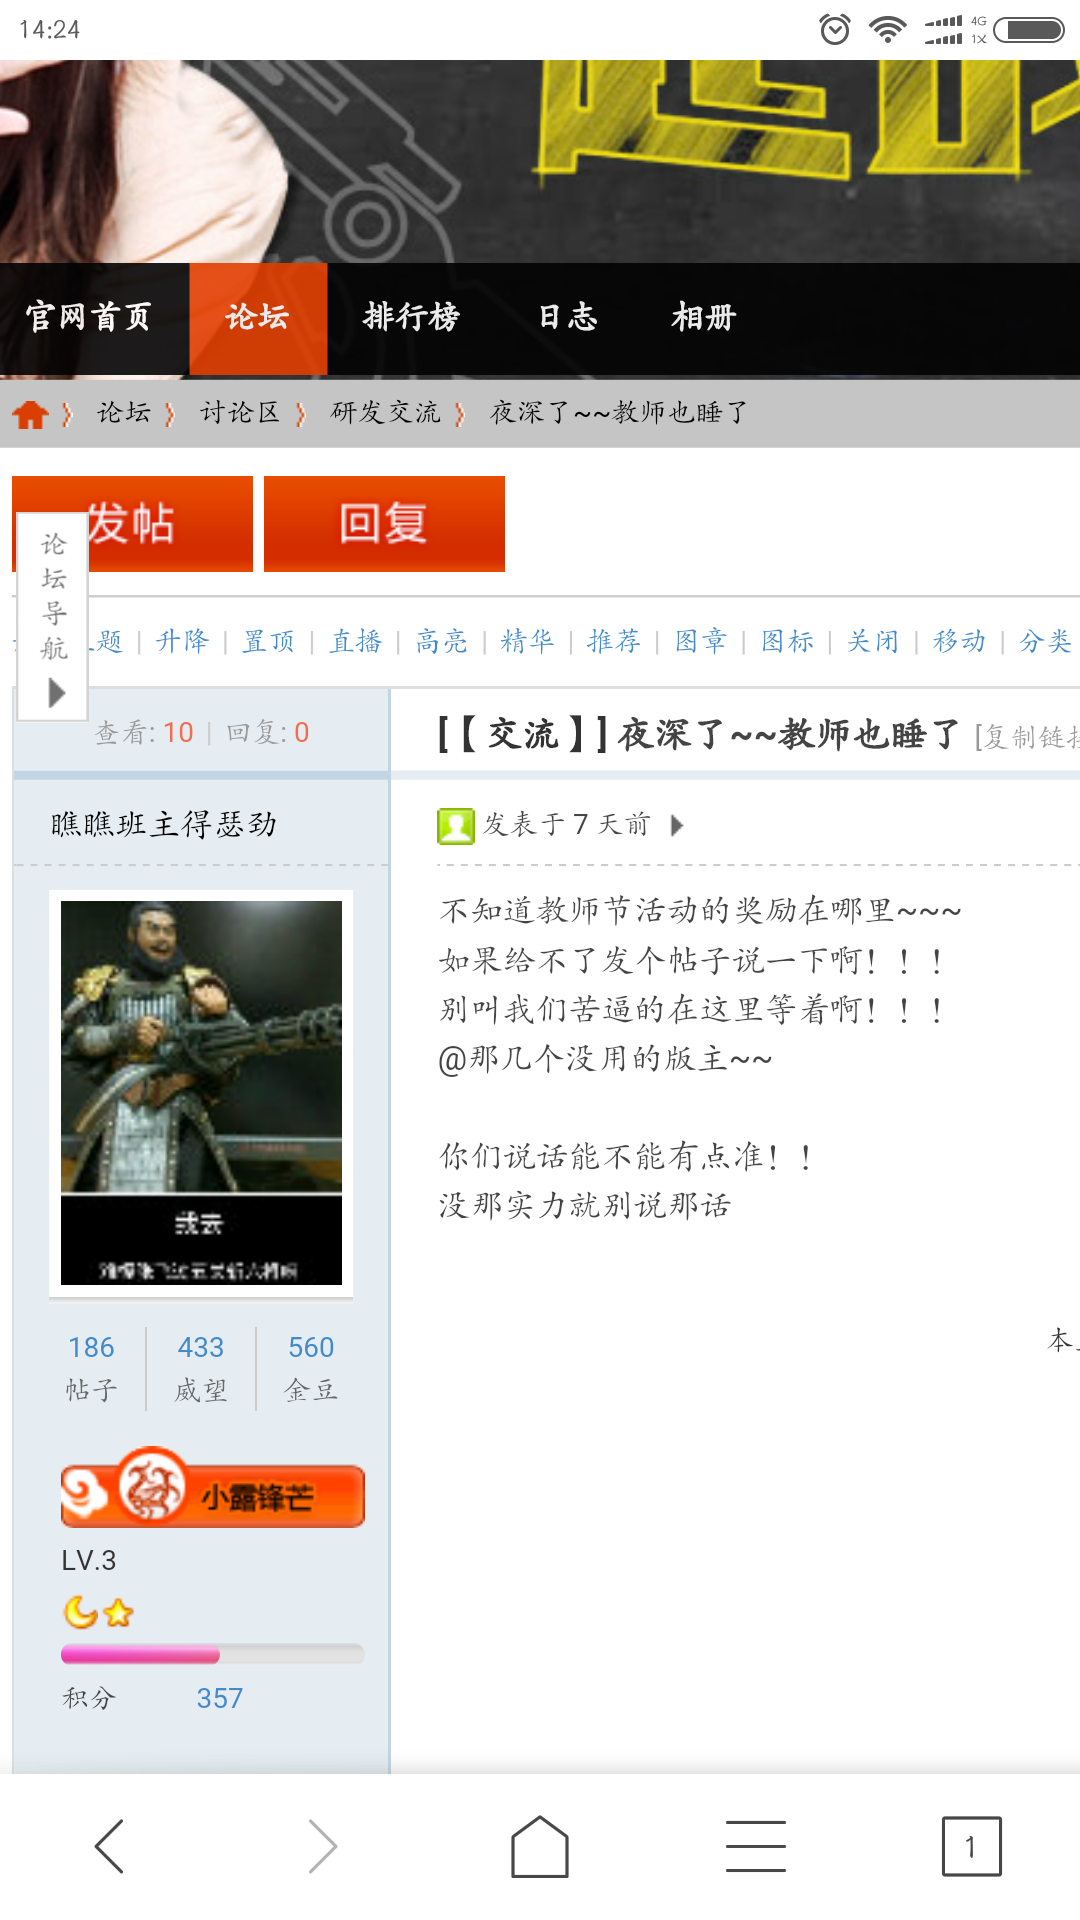 Screenshot_2017-09-25-14-24-29-979_com.ijinshan.browser_fast.png